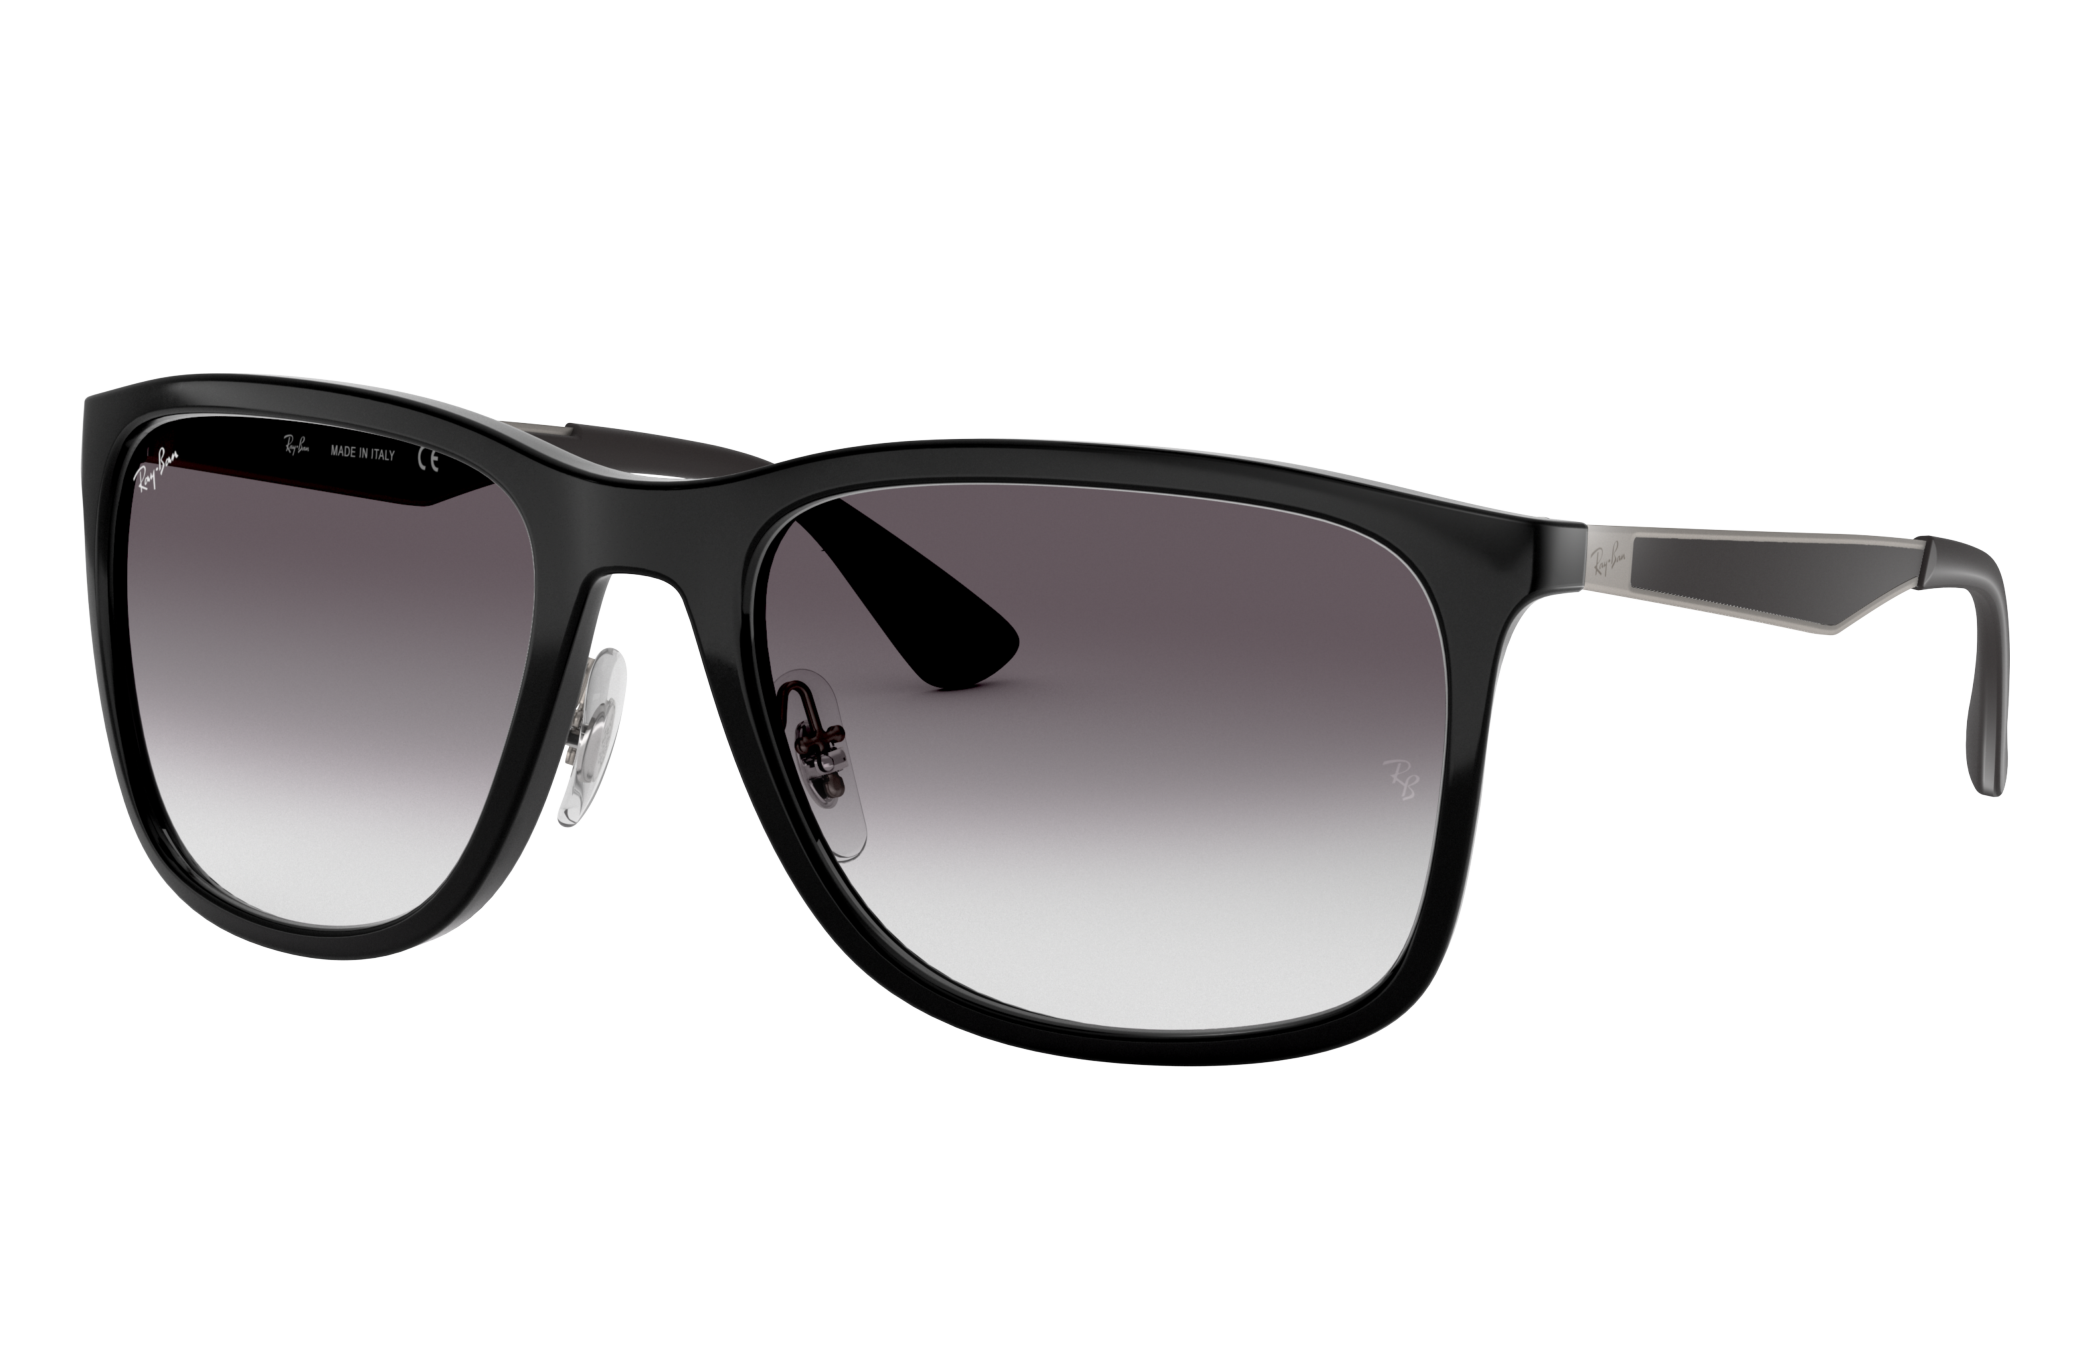 Ray-Ban Rb4313 Gunmetal, Gray Lenses - RB4313